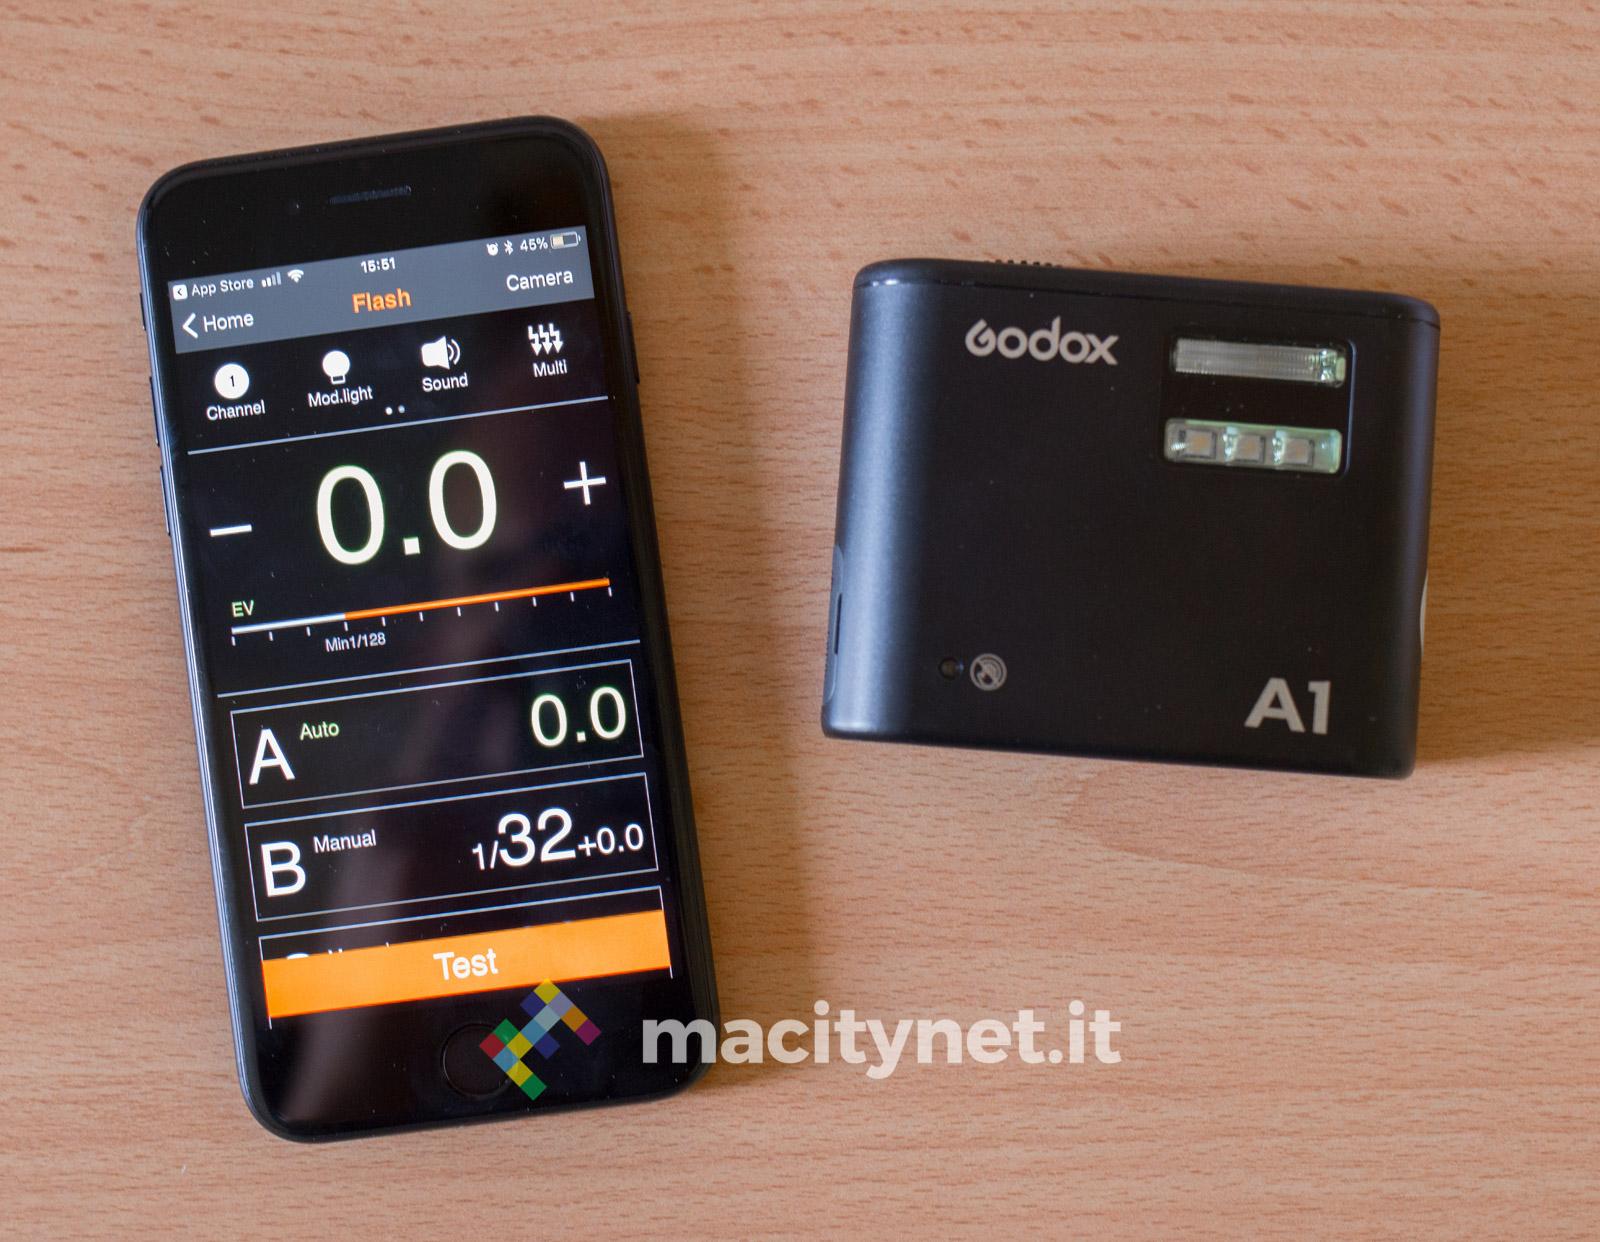 Godox A1 flash esterno per foto con iPhone